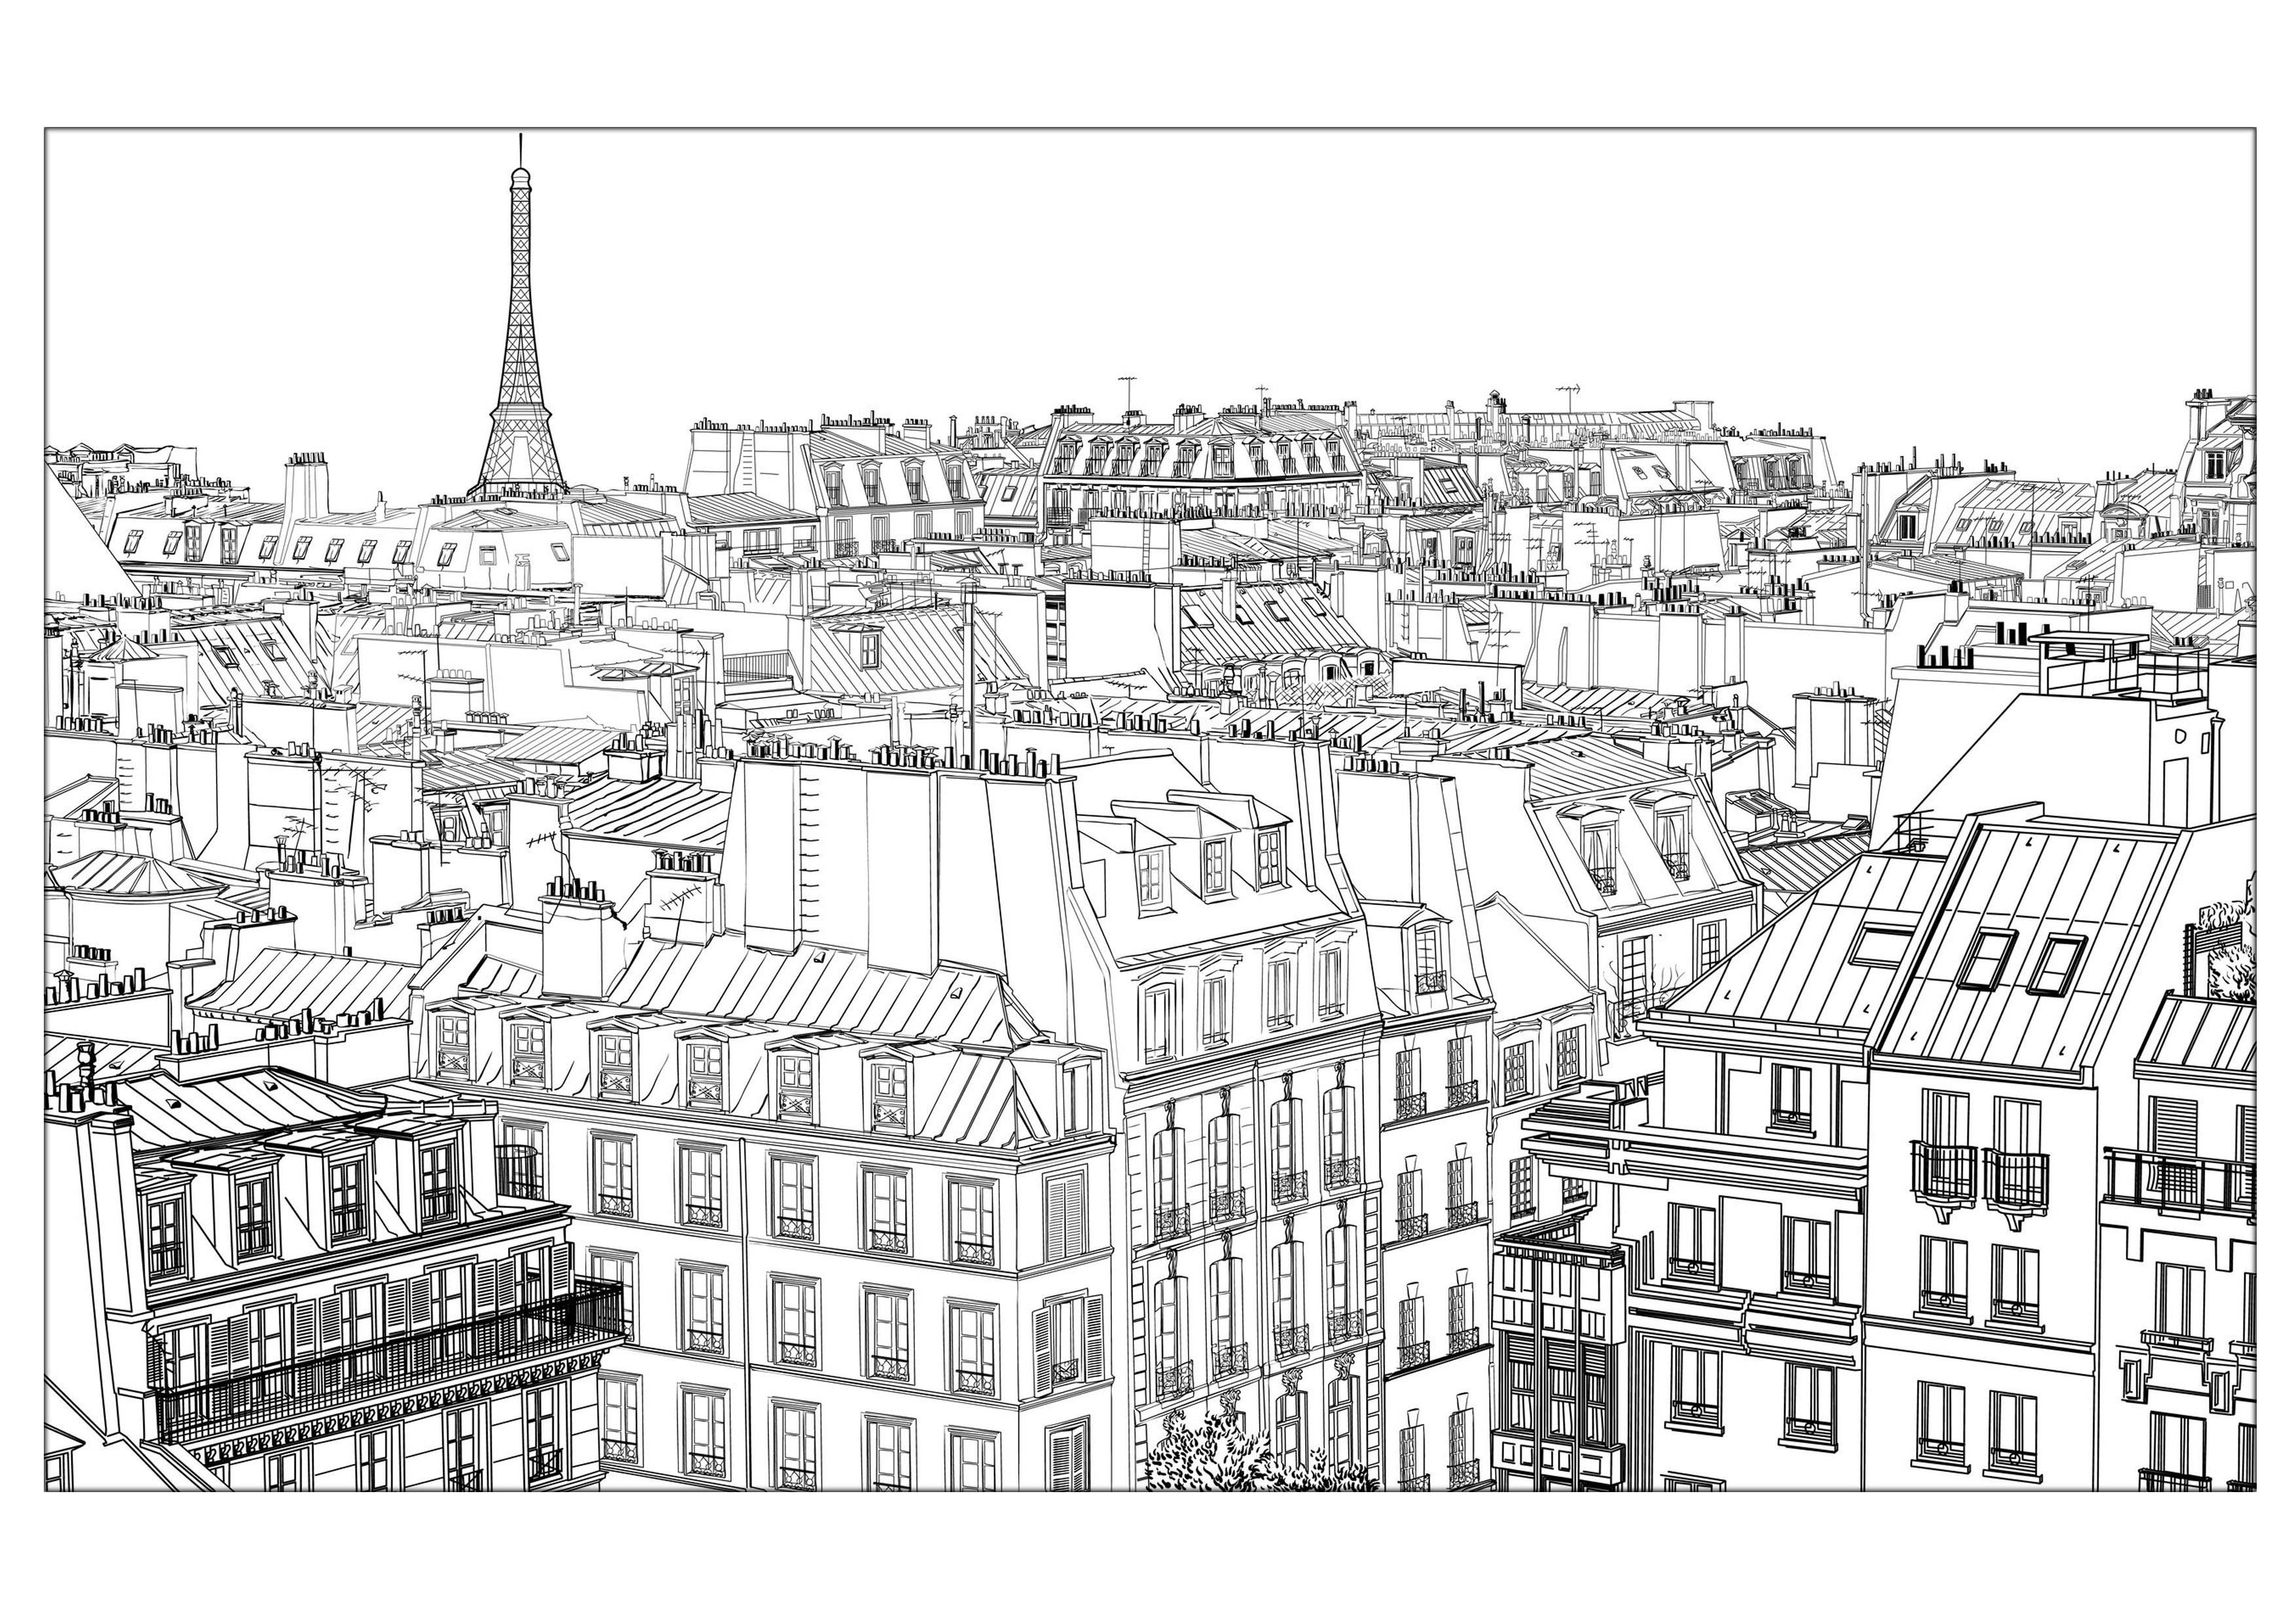 Disegni da colorare per adulti : Paris - 19